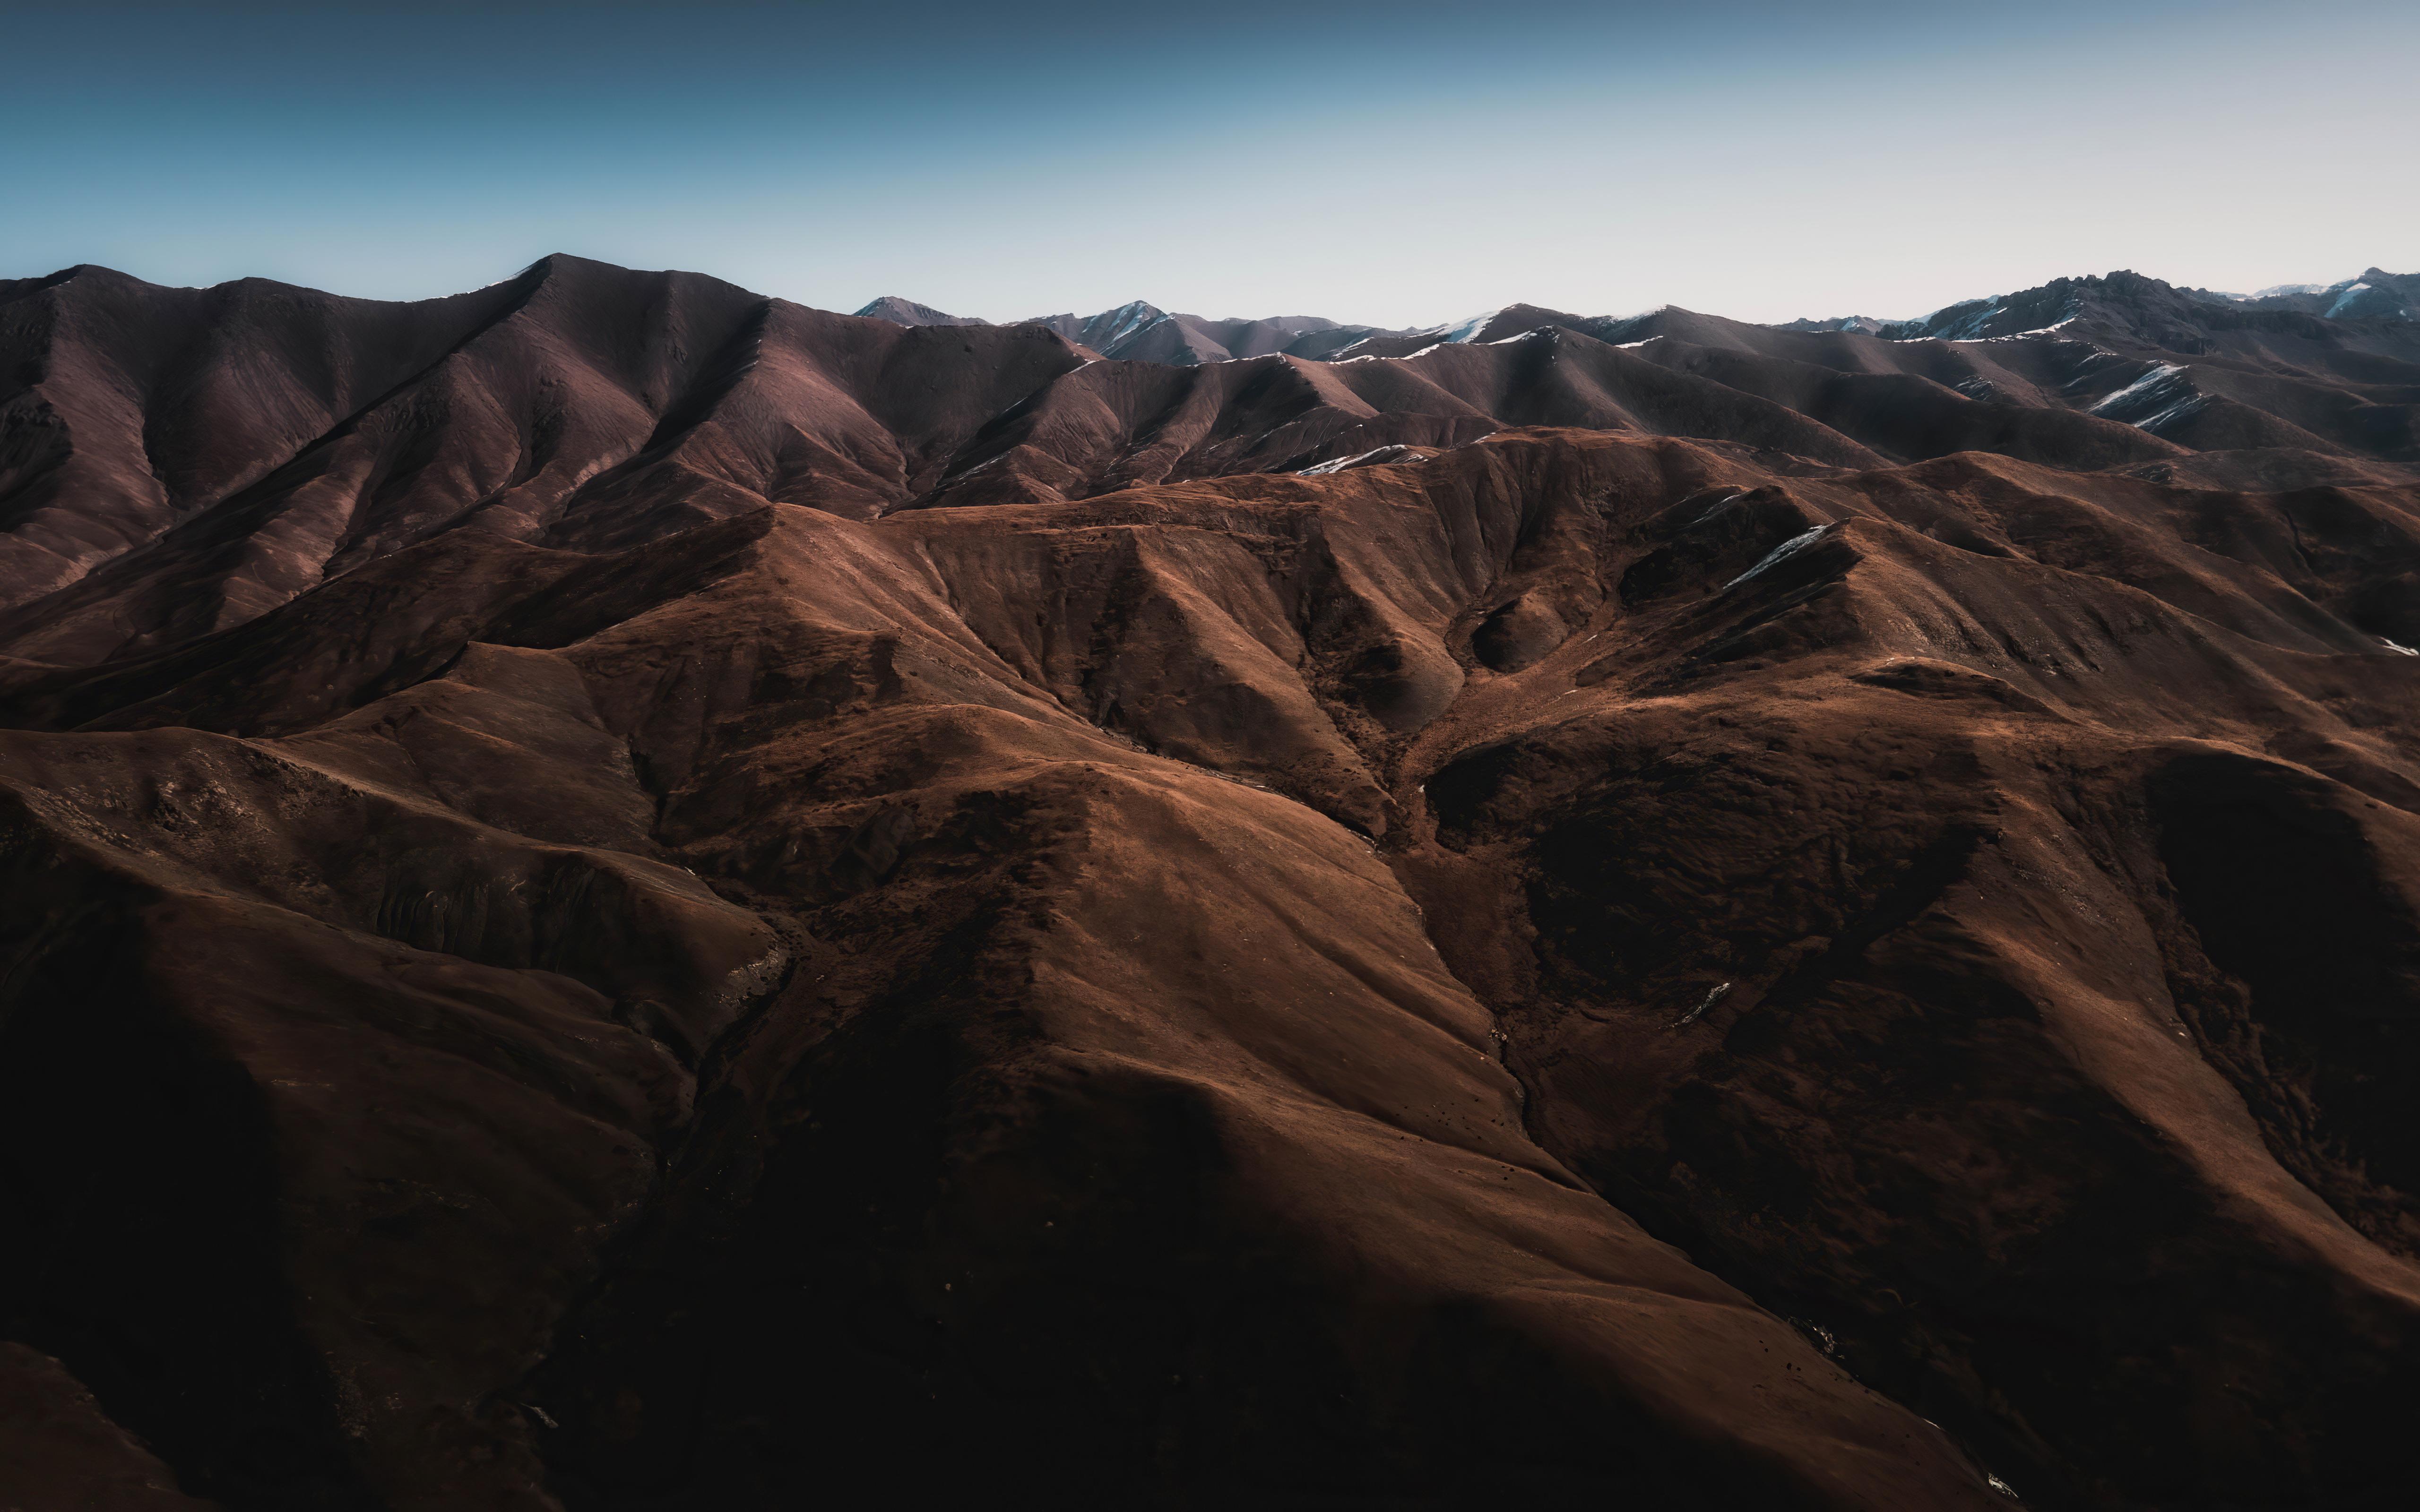 Fondos de pantalla Montañas agrupadas